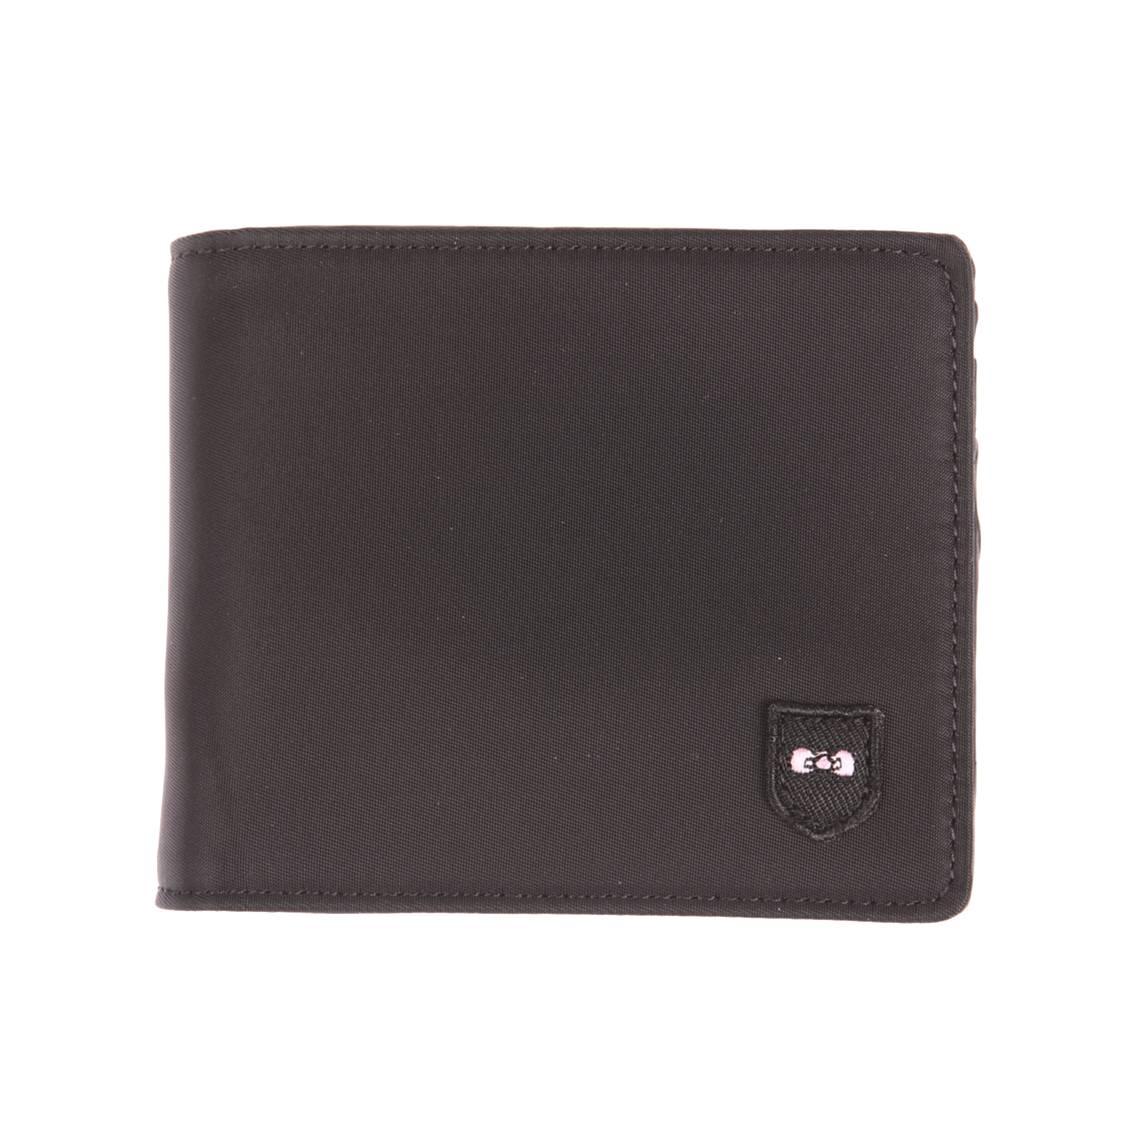 Portefeuille italien 3 volets  en toile noire, porte-monnaie zippé